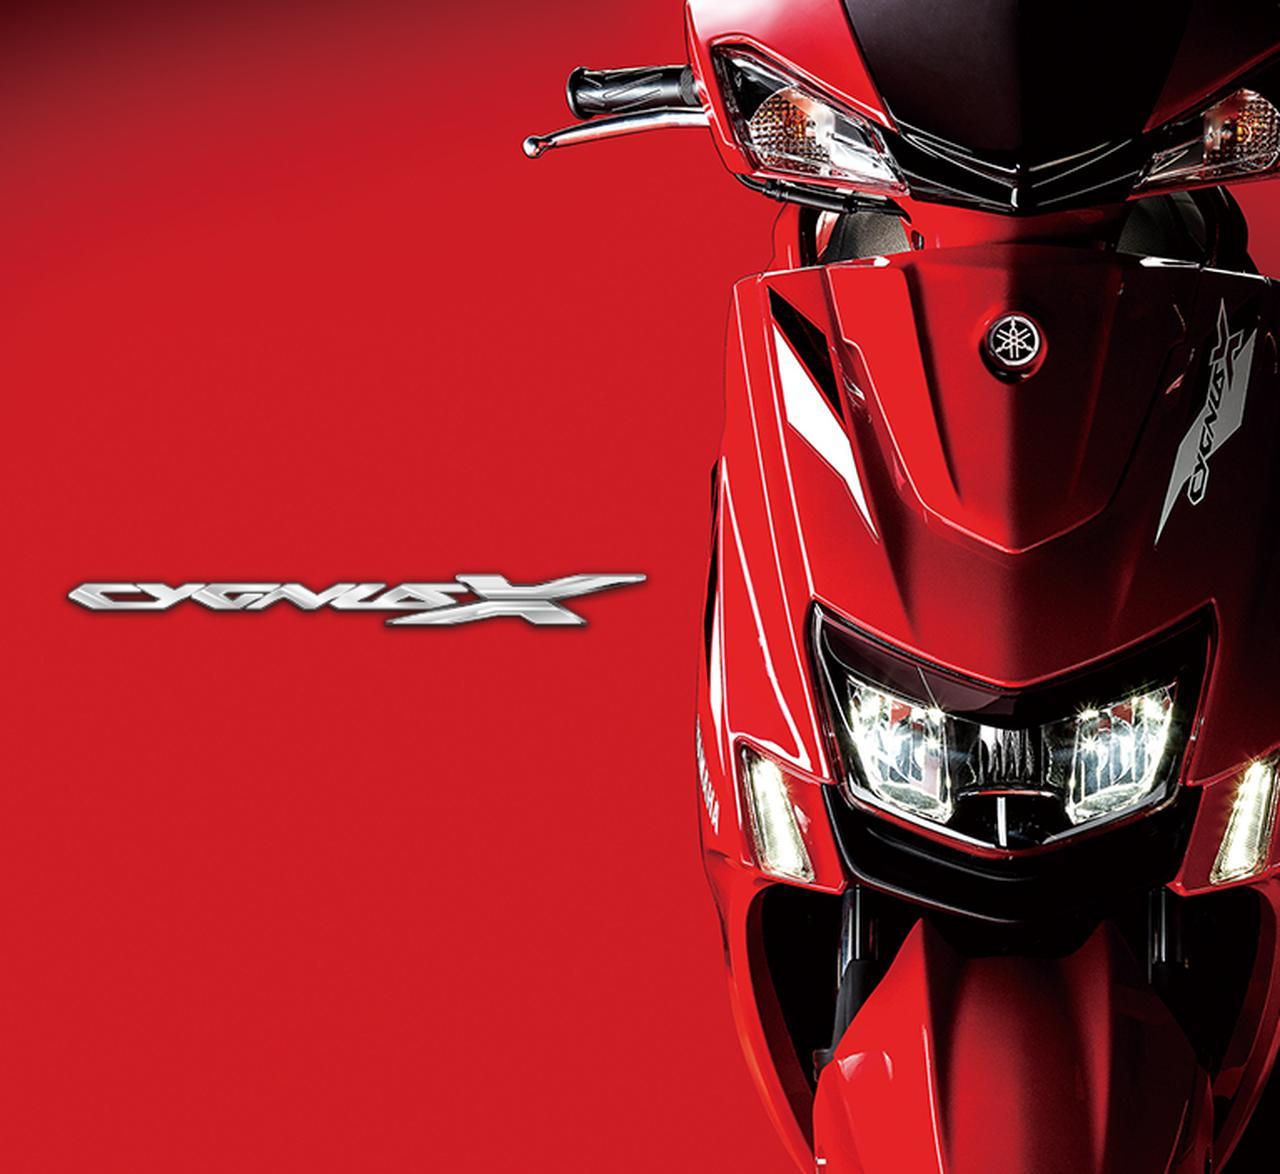 画像: シグナスX - バイク・スクーター ヤマハ発動機株式会社